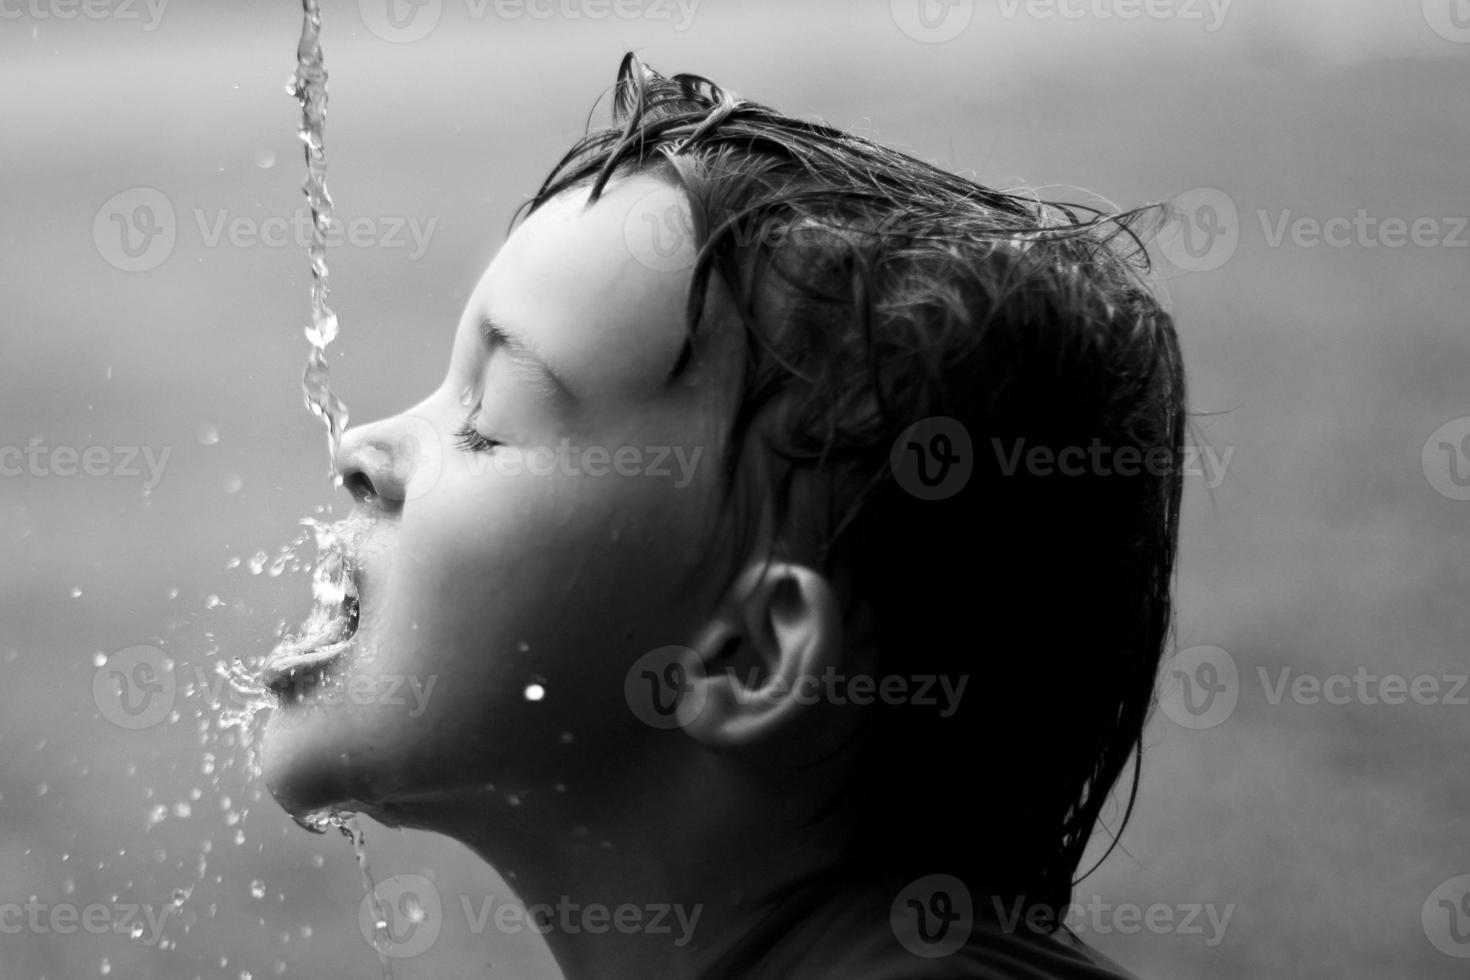 gotas de agua salpicaron la cara del niño foto